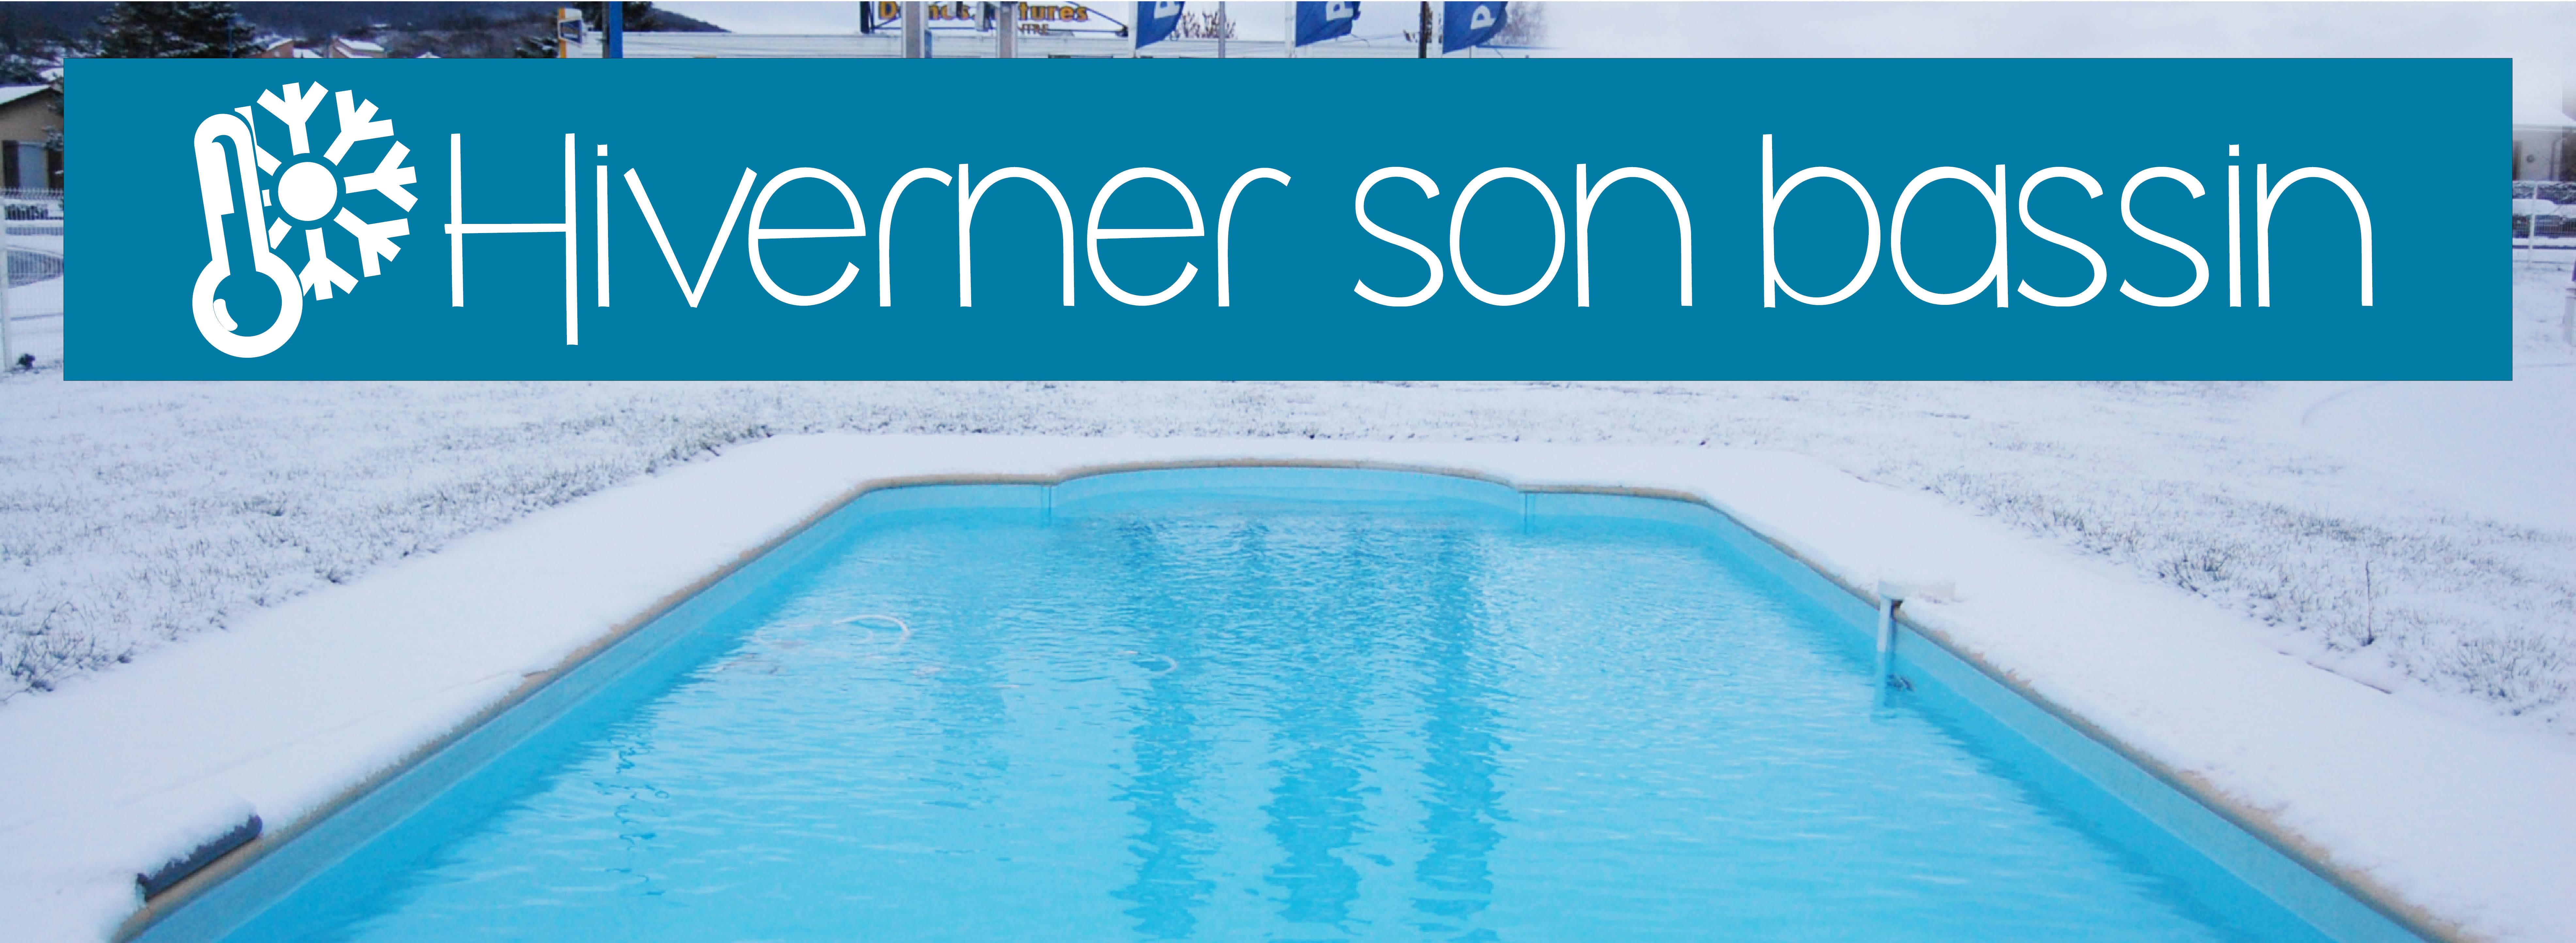 Hiverner votre piscine - Aquilus Concarneau